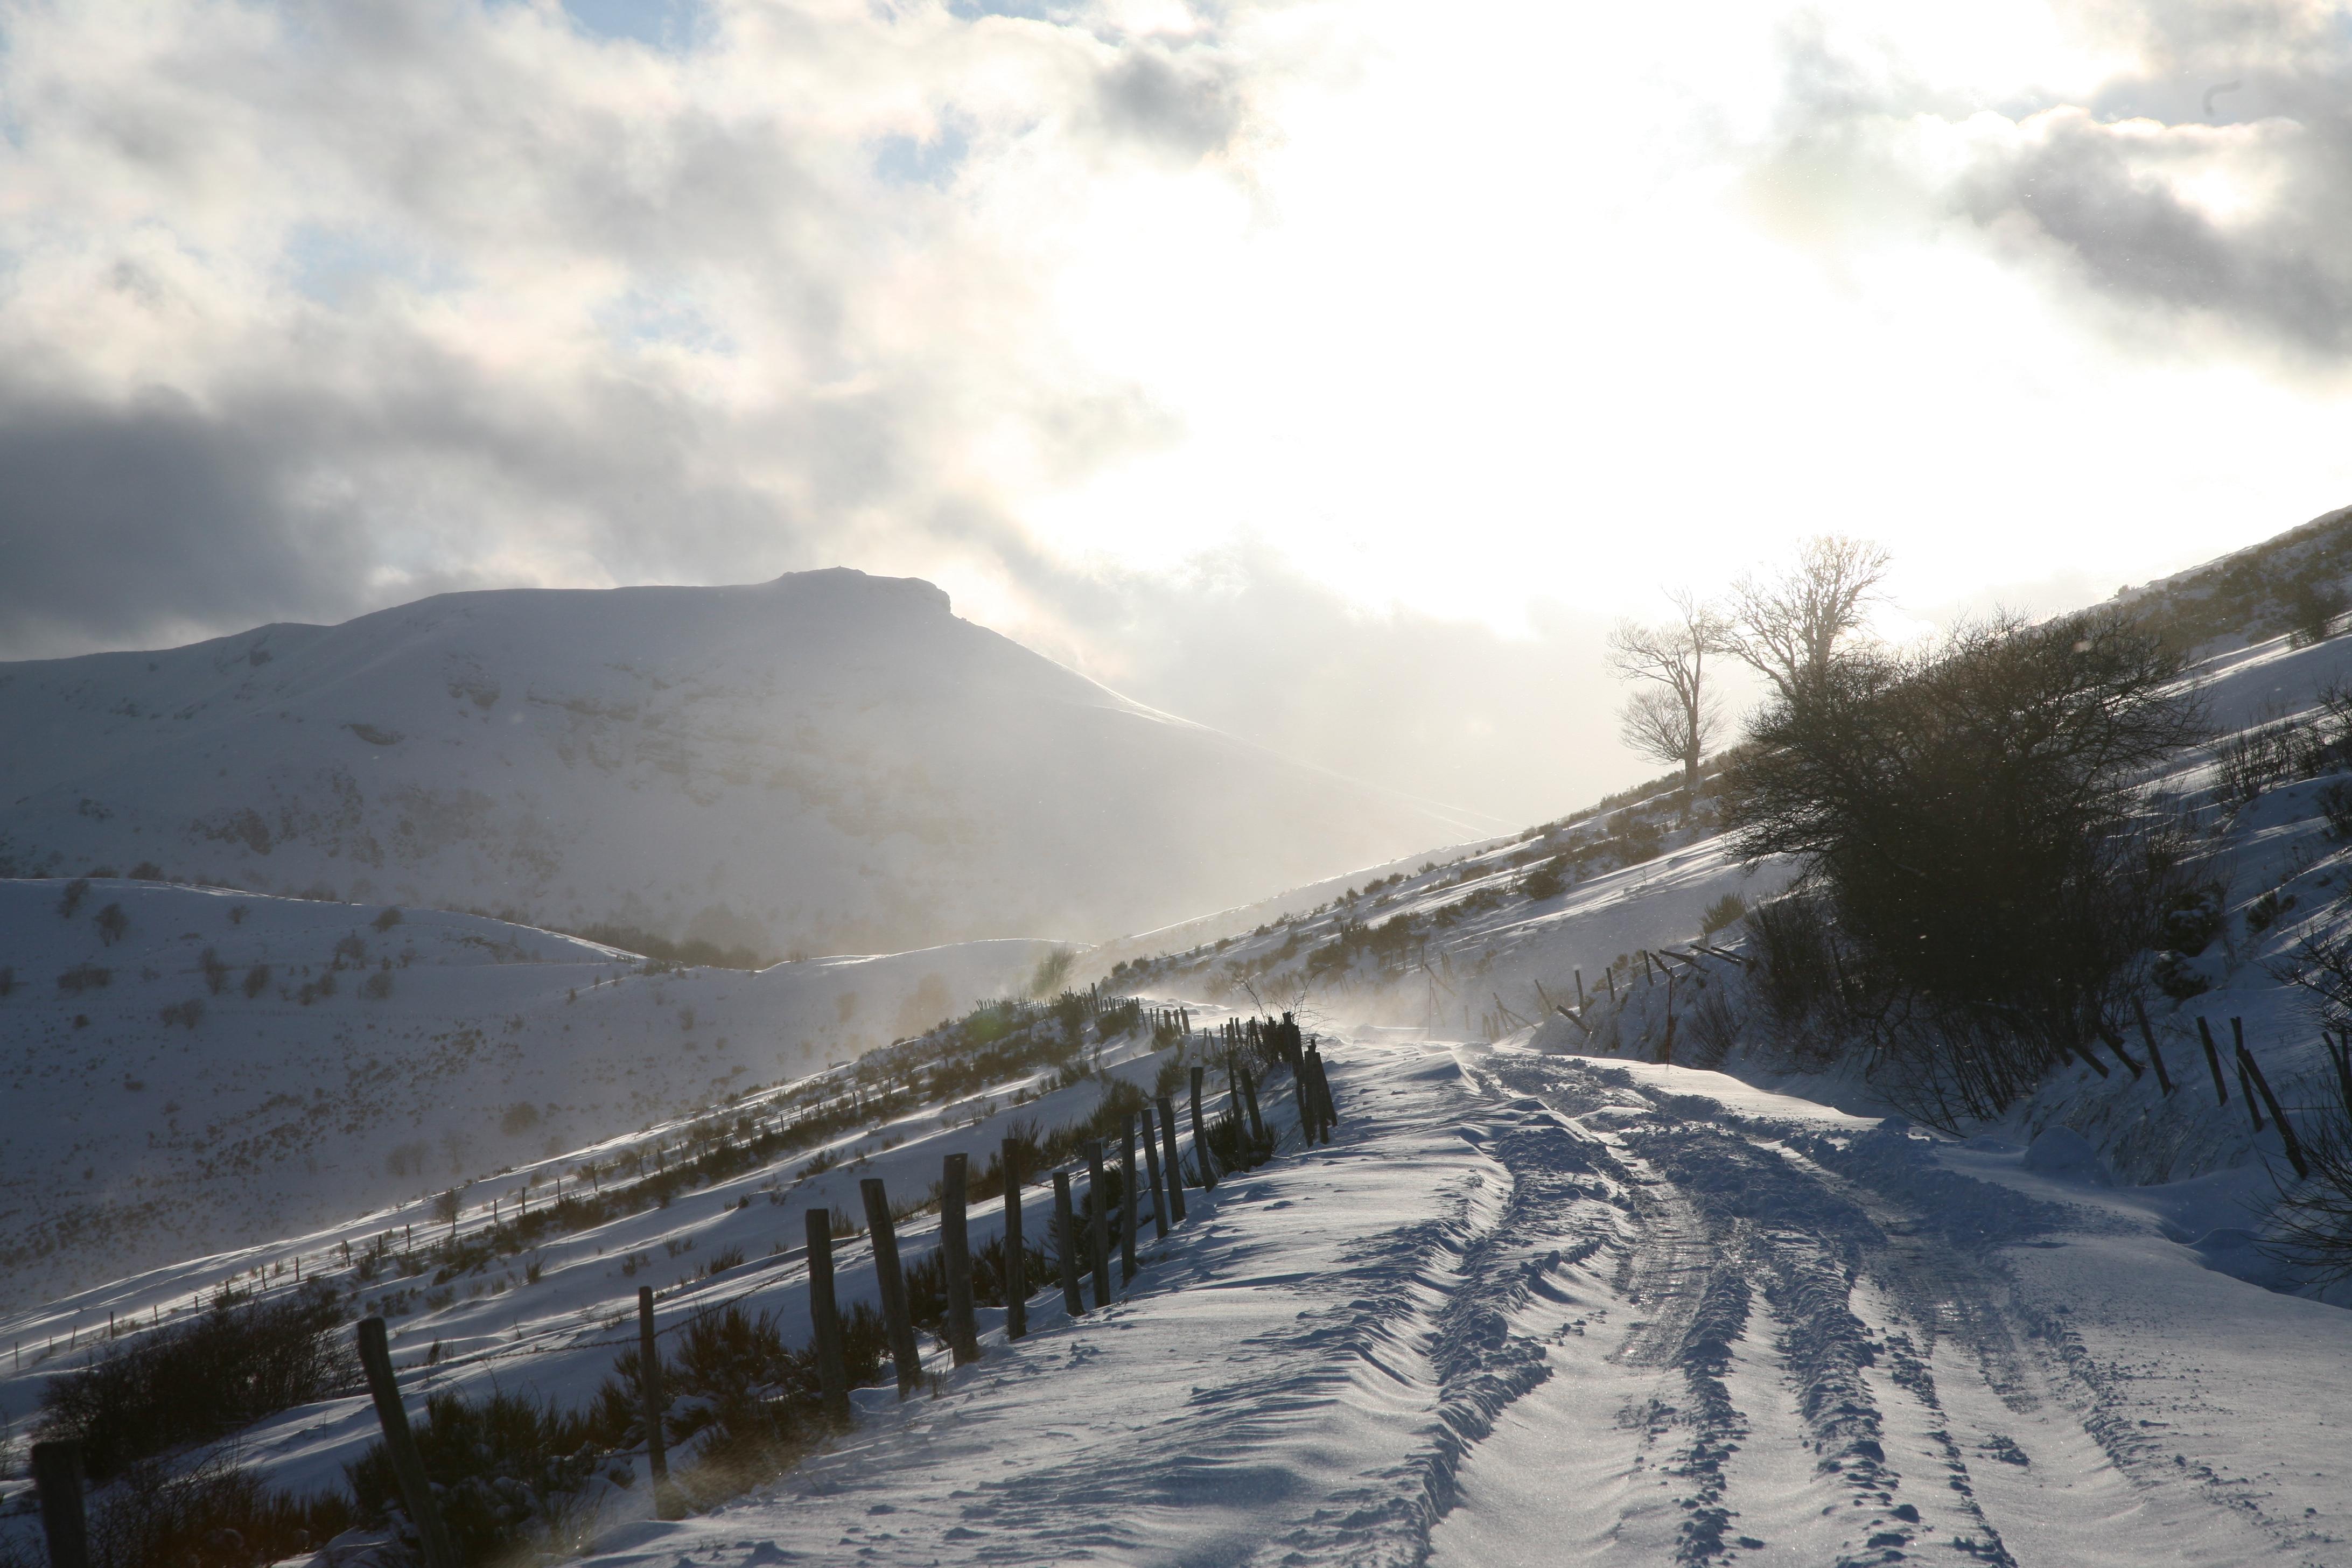 Images gratuites paysage montagne neige hiver nuage - Photos de neige gratuites ...